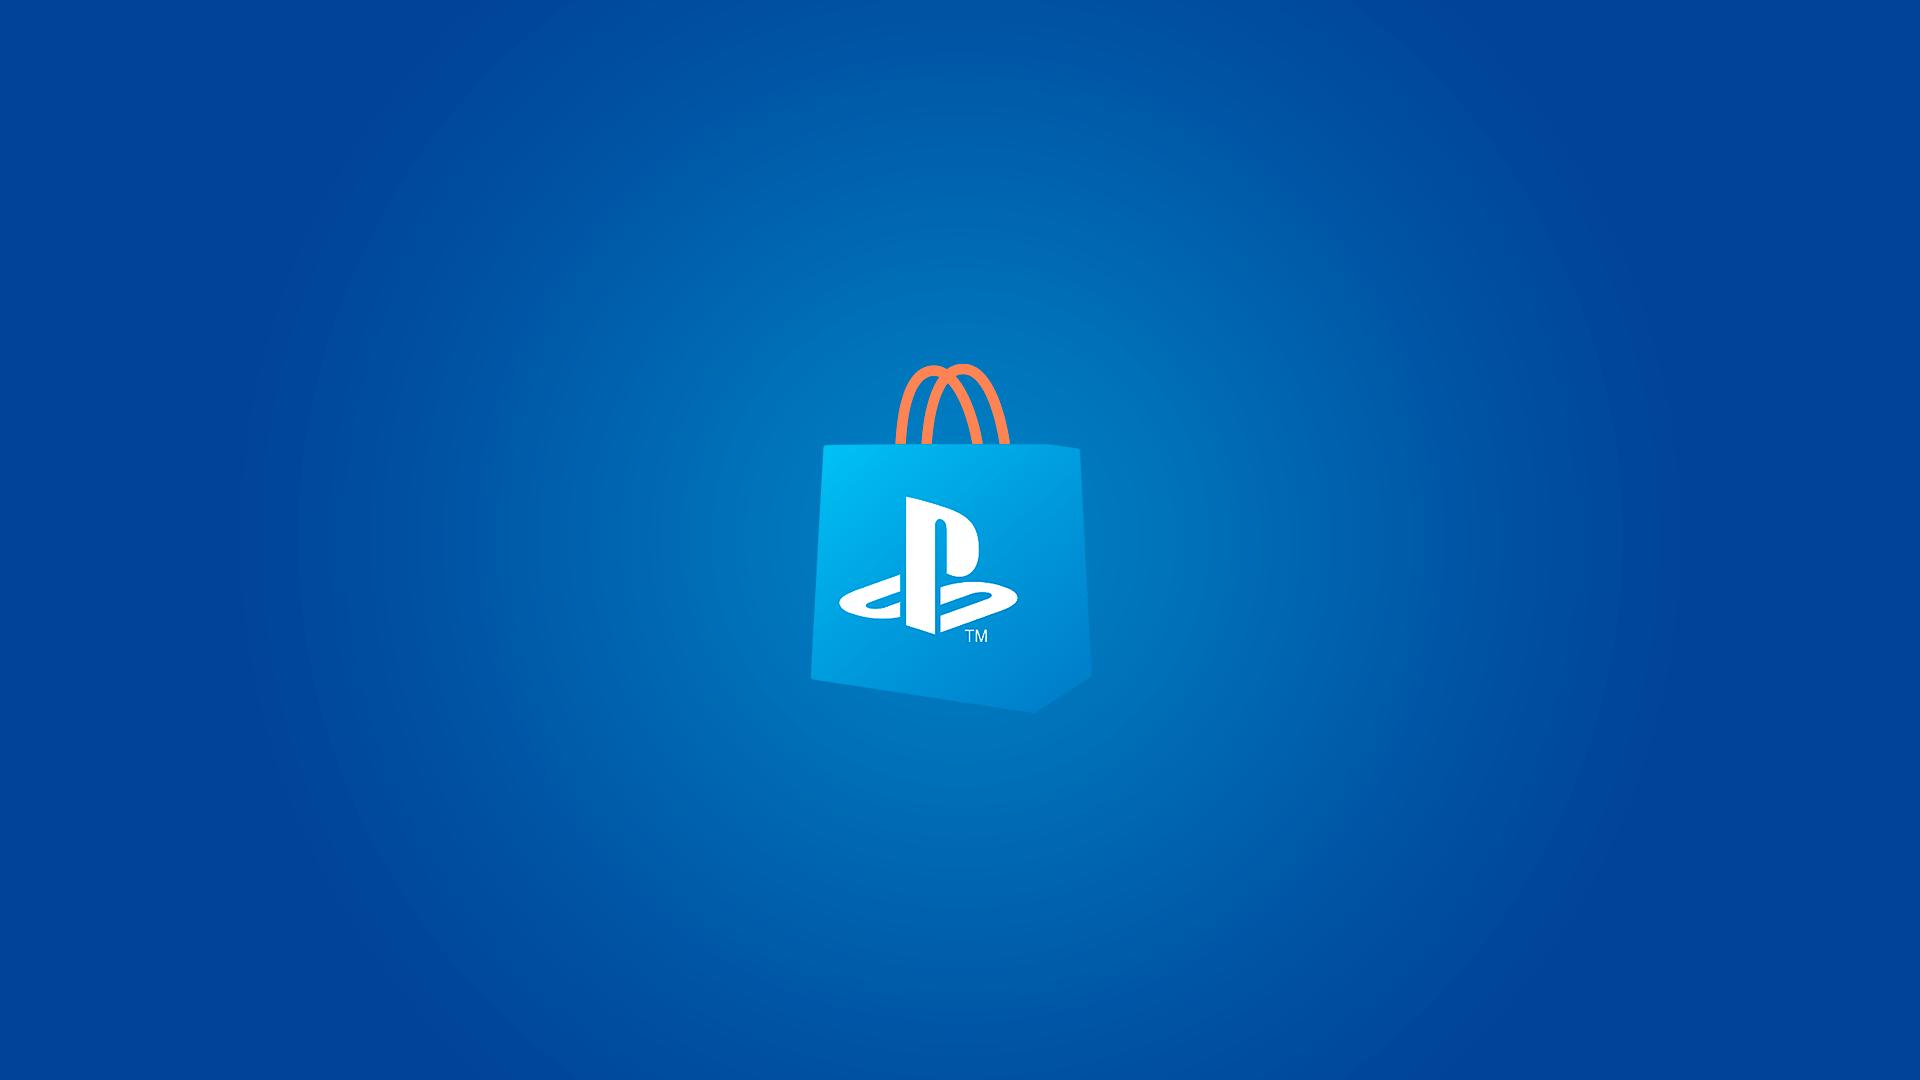 Promoção da Ubisoft dá descontos de até 65% em seus games na Playstation Store